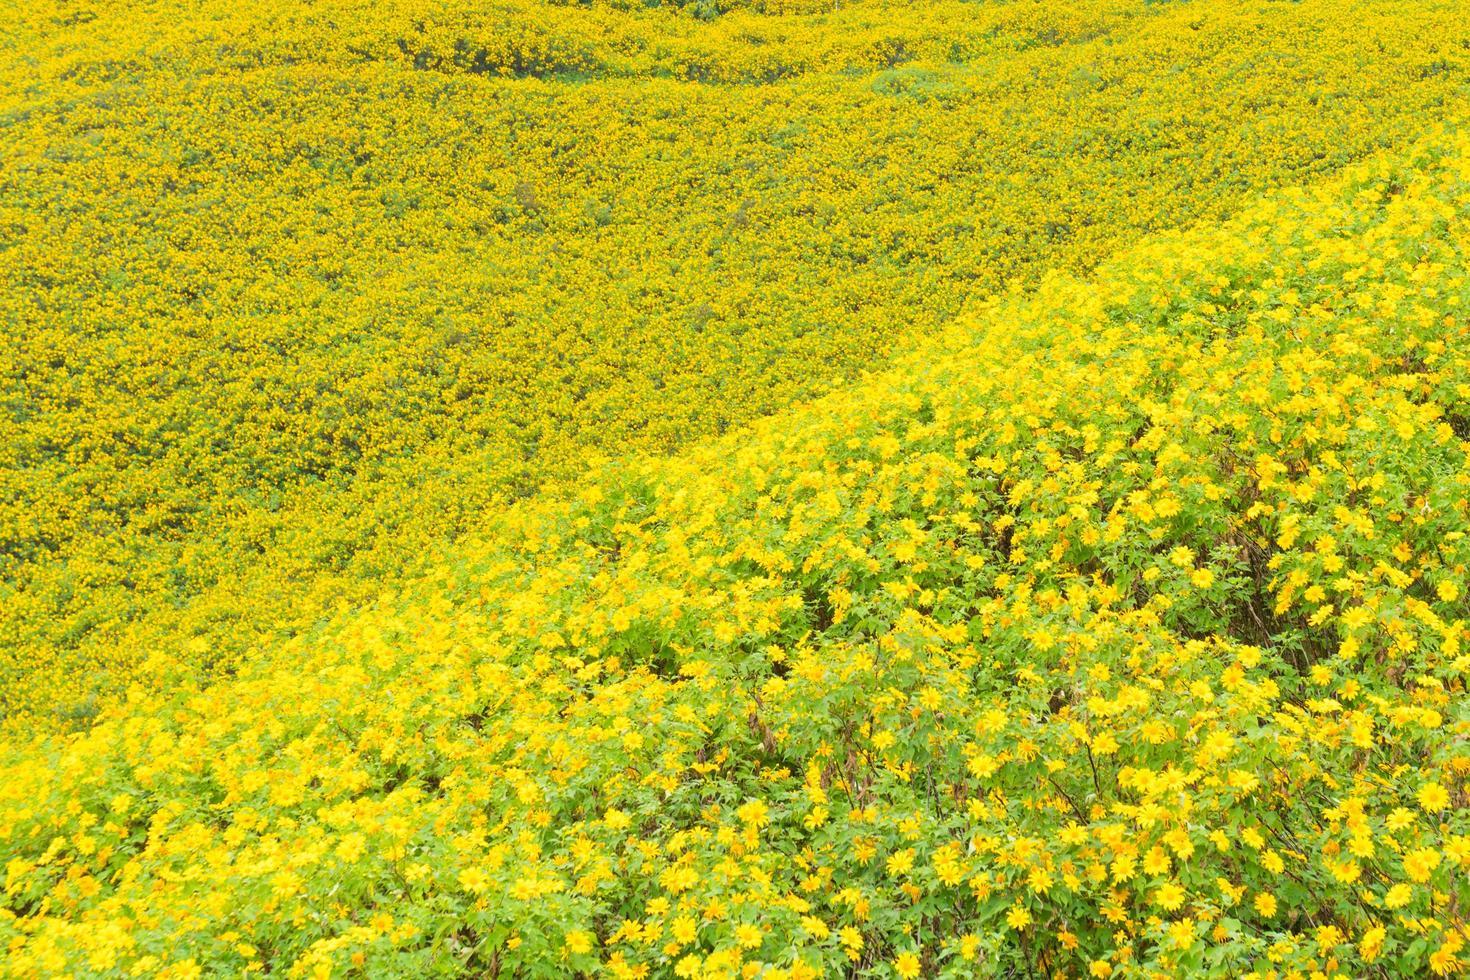 flores amarillas en el campo foto